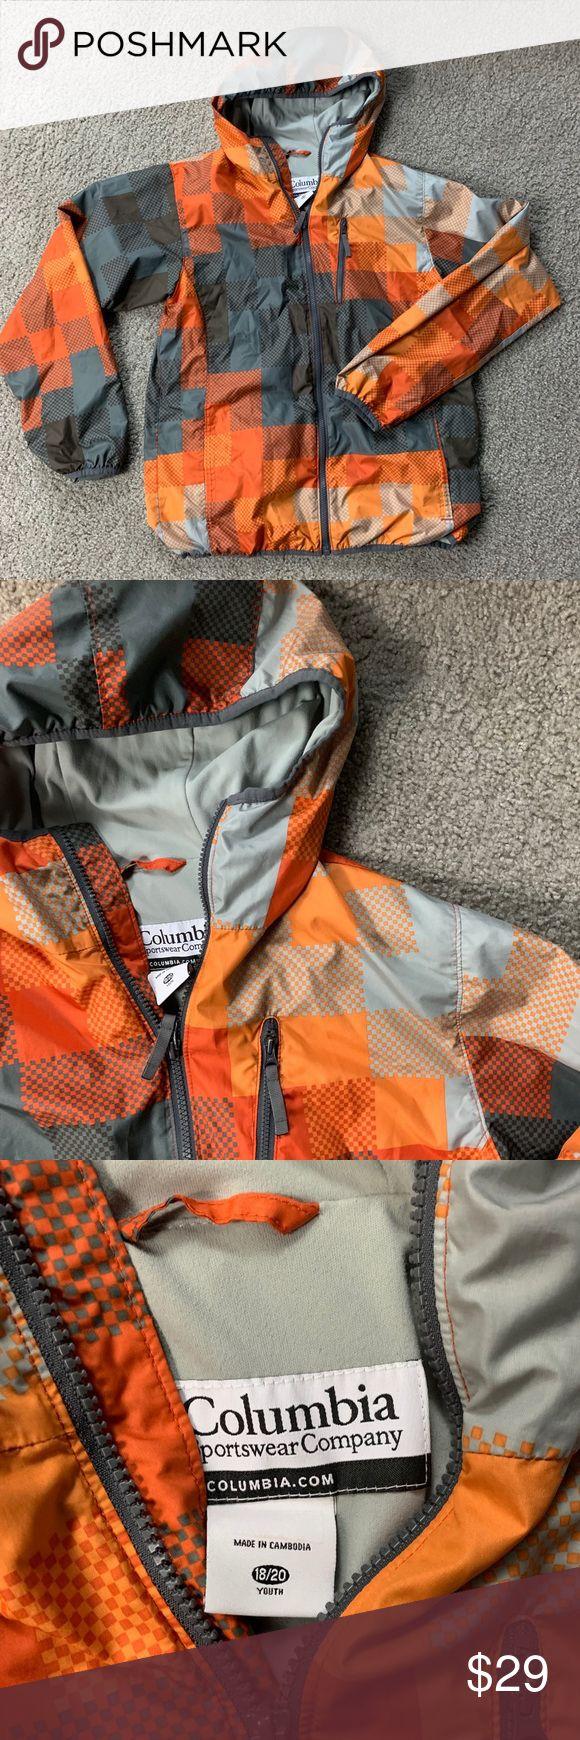 1b74a0d5710e0 Columbia Boy Jacket 18 20 Orange Youth Kids Y Columbia Boy Jacket 18 20  Orange Youth Kids Y Brand: Columbia Type: Basic Jacket Style: Light Jacket  Material: ...